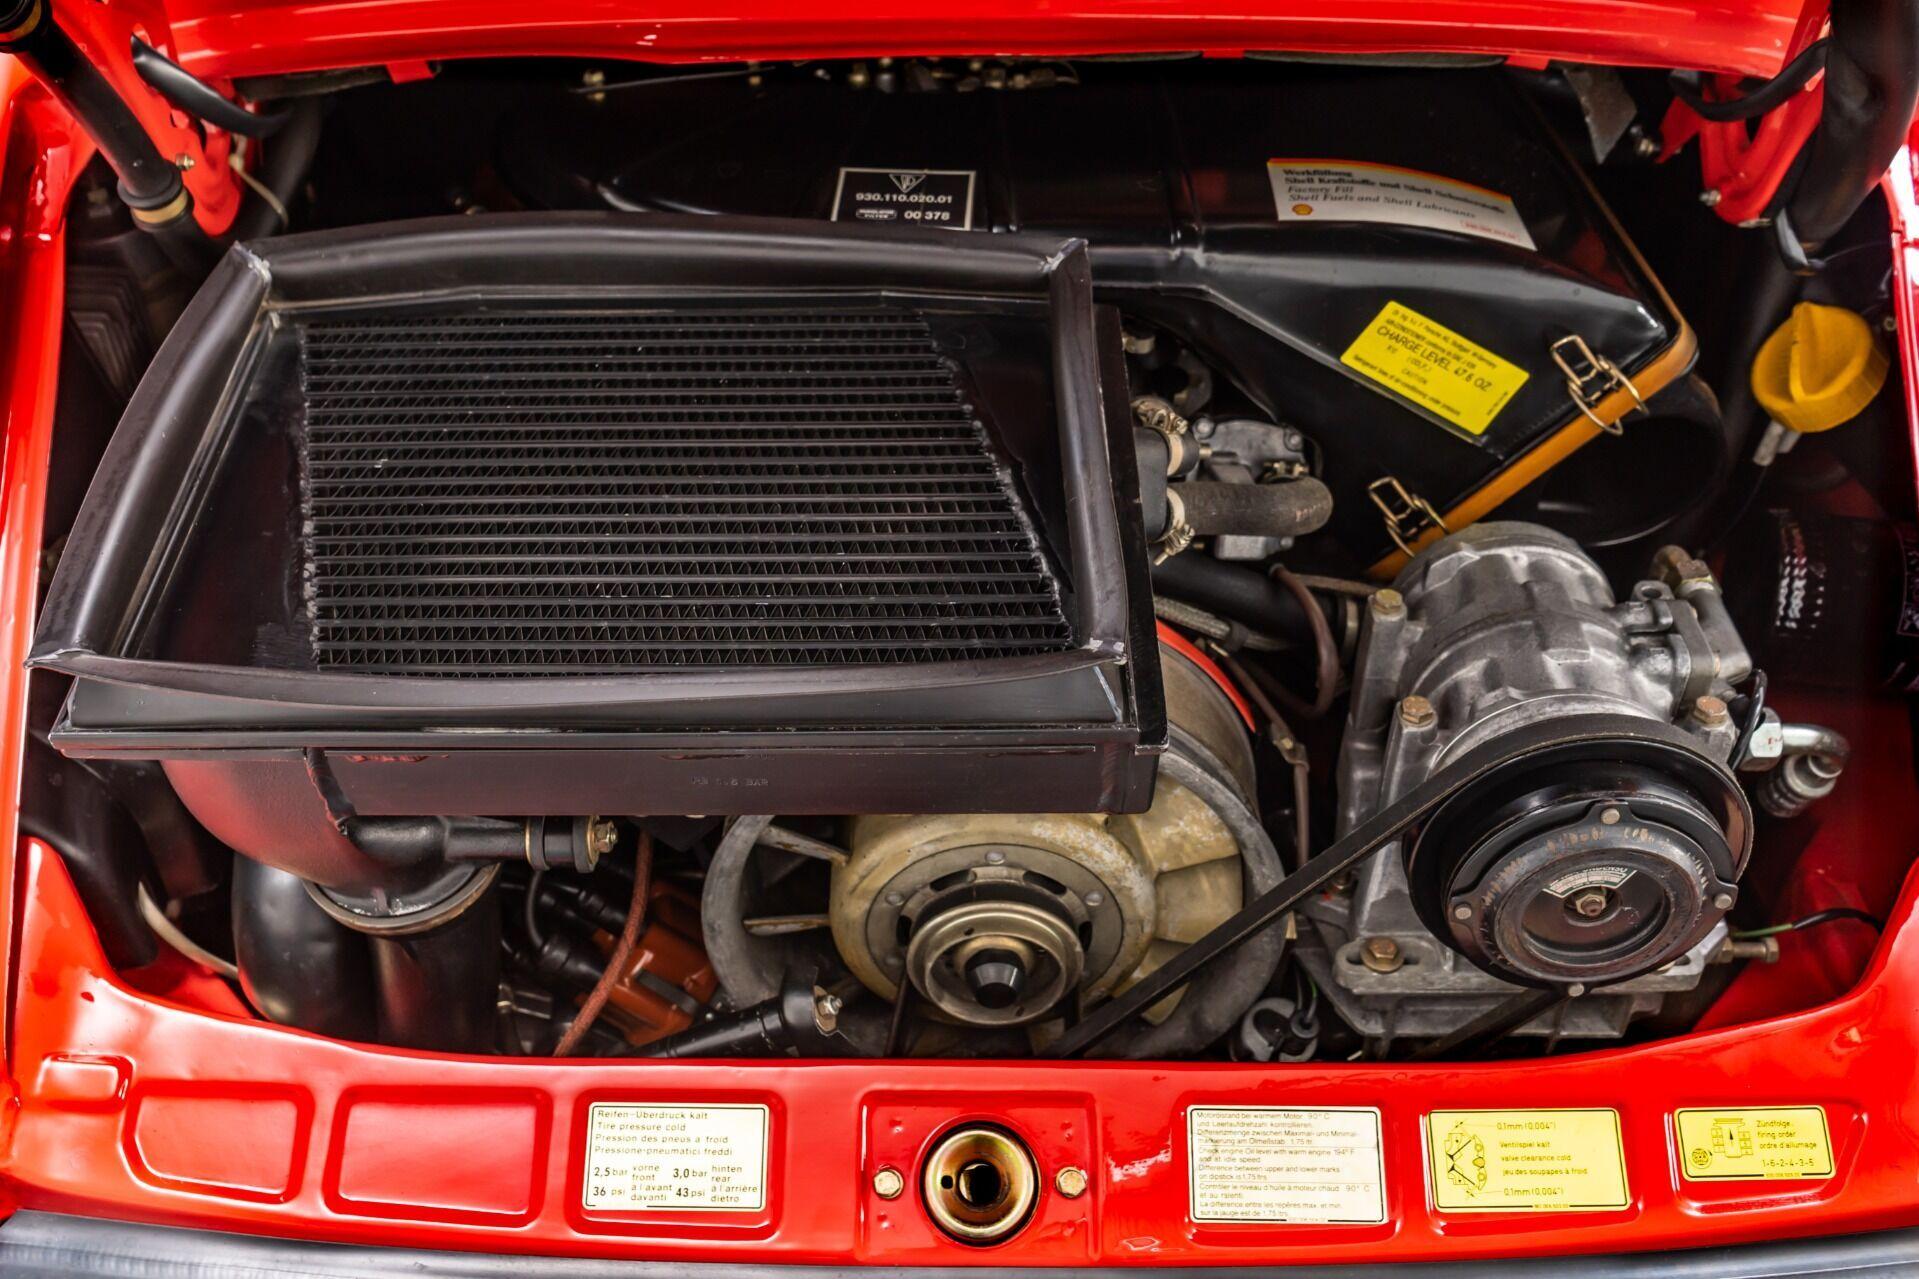 Кабріолет оснащений 3,3-літровим турбованим мотором, який розвиває 285 к.с. та 377 Нм.